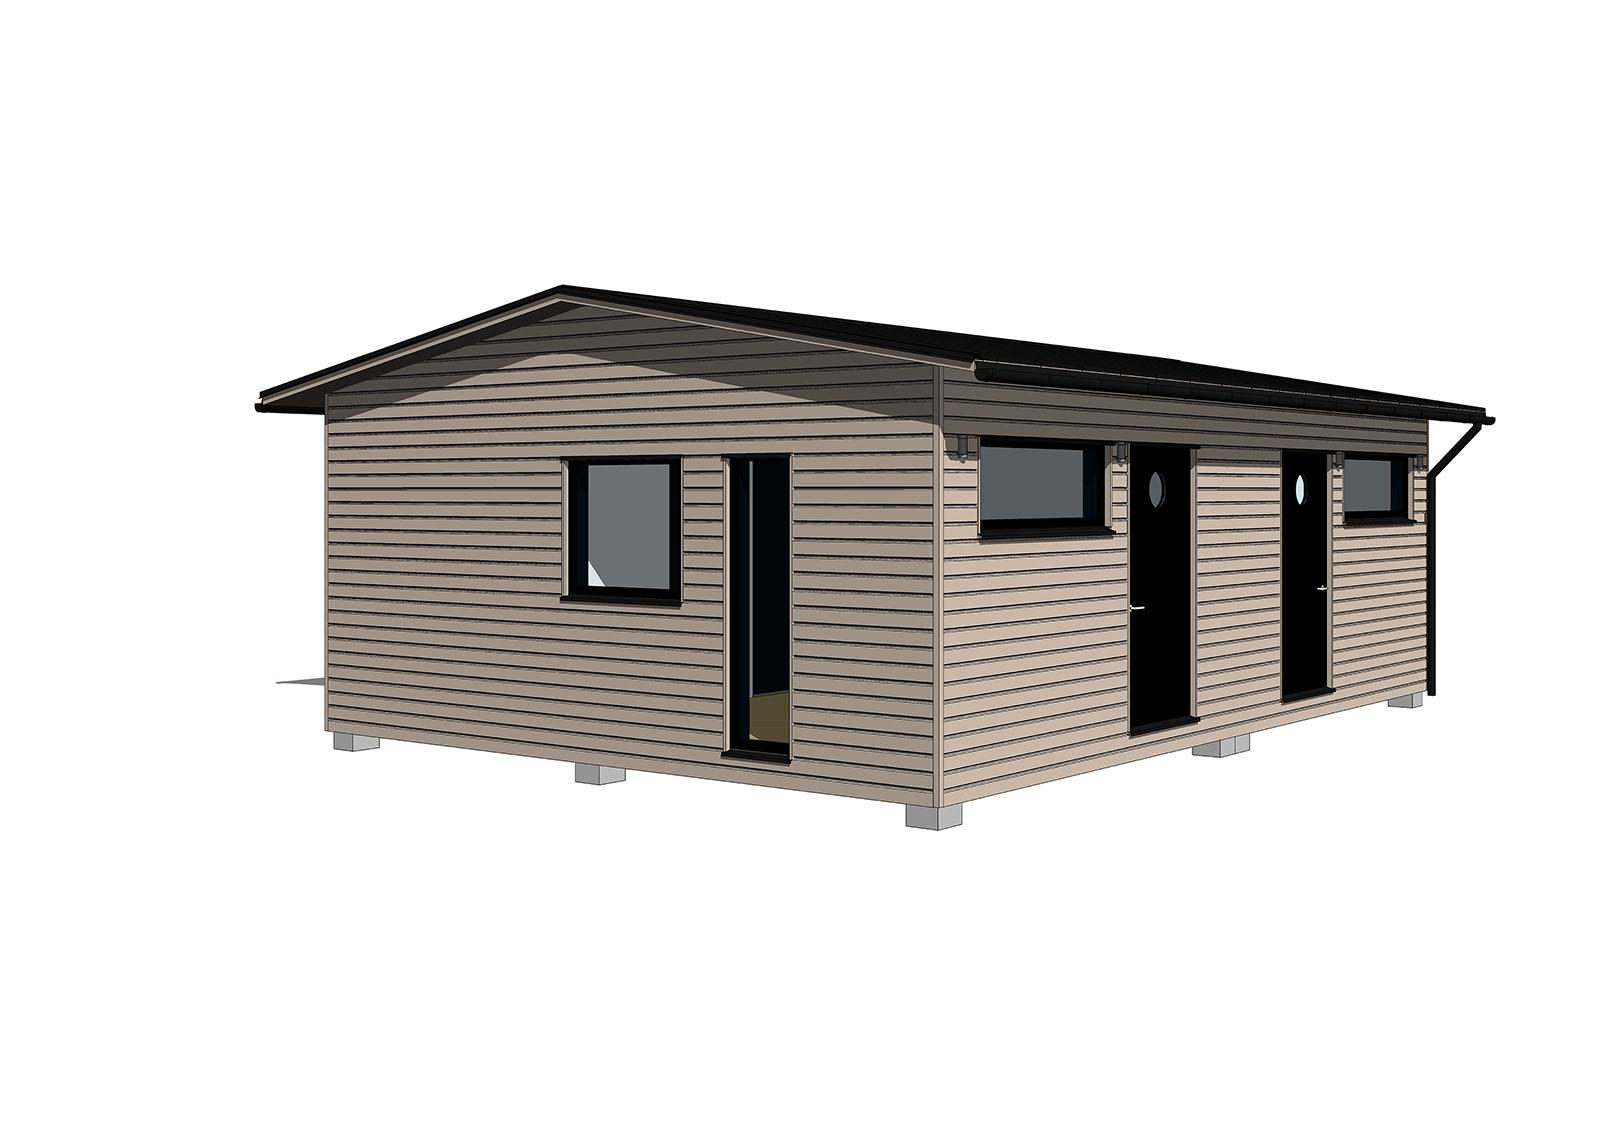 cabin-50-3d-sadel.jpg